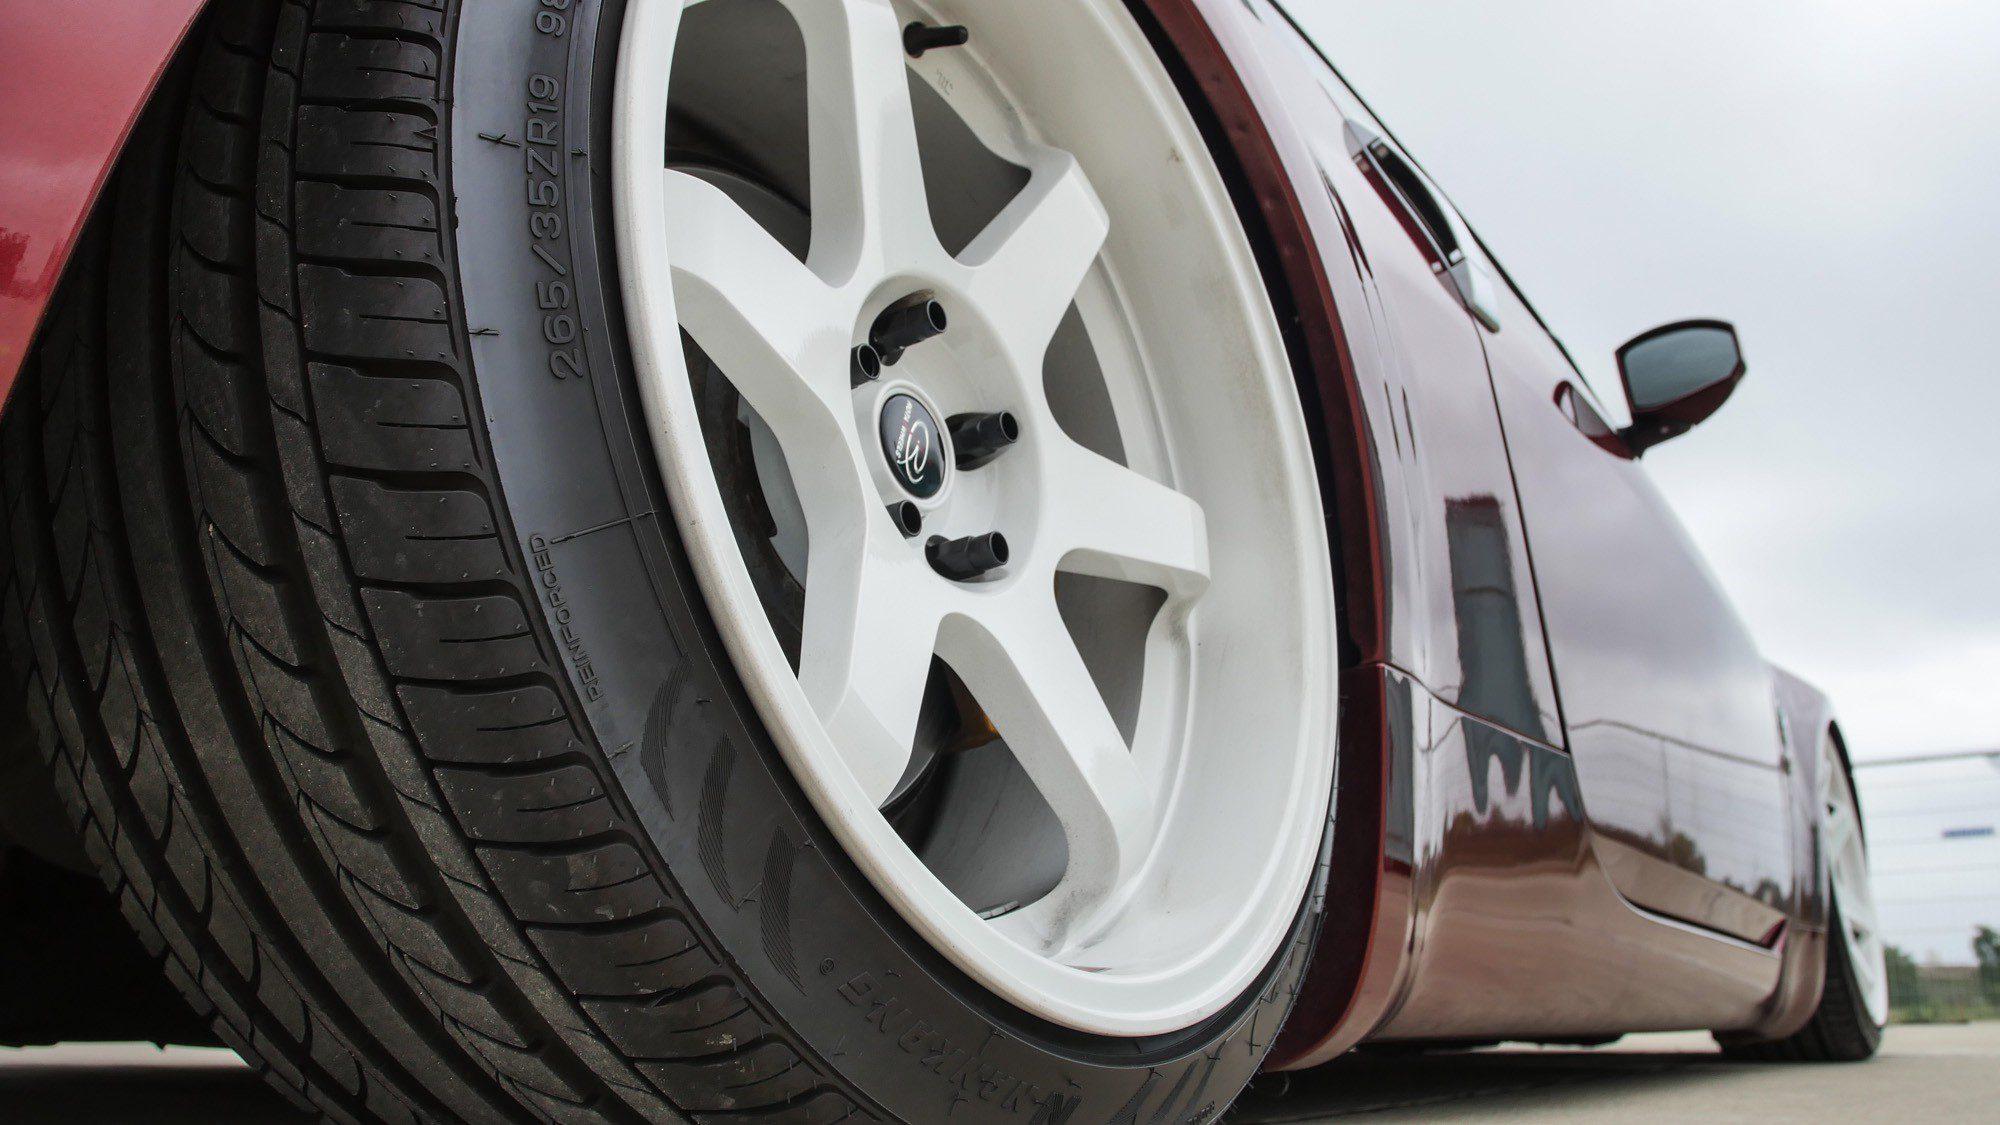 Die Rota Wheels kommen auf dem Nissan 350 Z richtig gut zur Geltung!